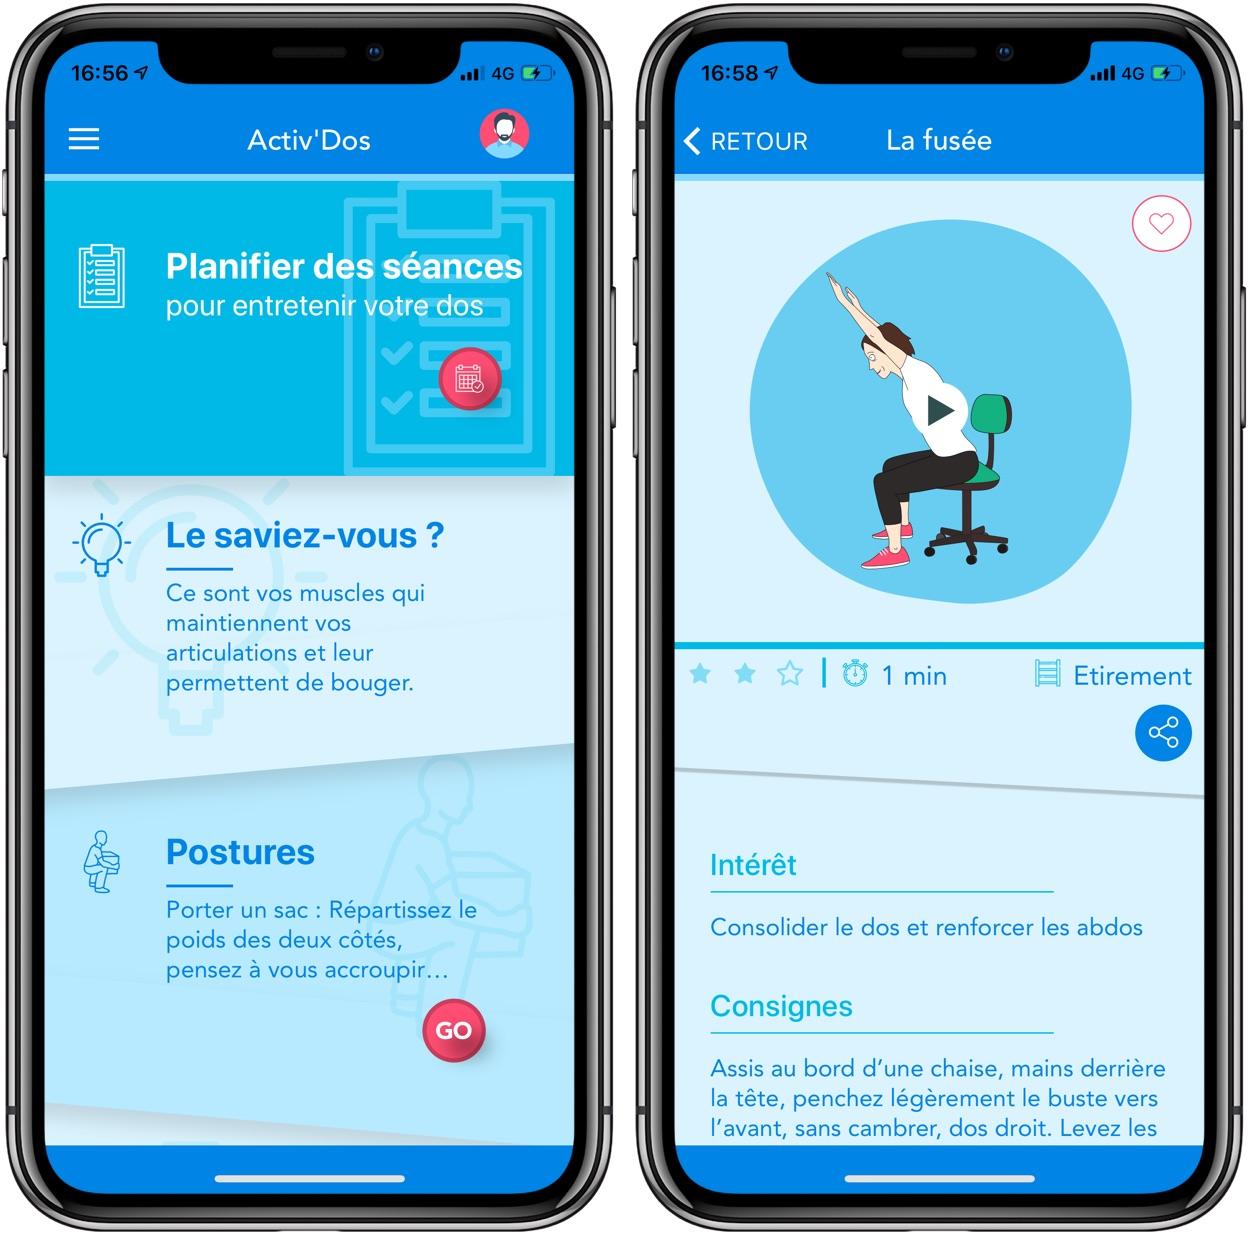 Activ'dos : une app iPhone et iPad très complète pour prendre soin de son dos 1